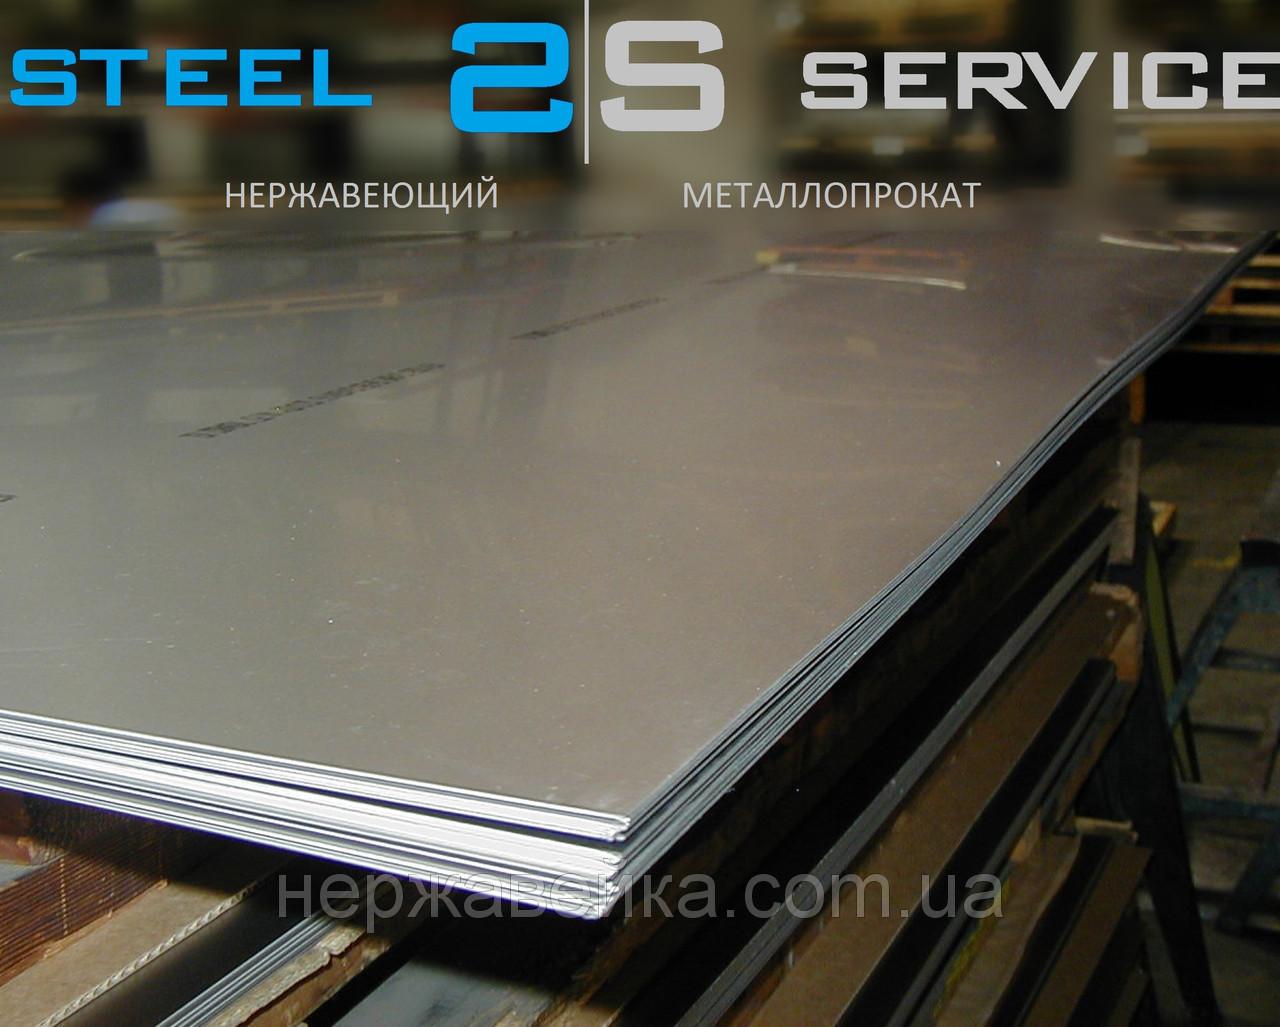 Нержавейка лист 20х1000х2000мм AISI 310(20Х23Н18) F1 - горячекатанный,  жаропрочный